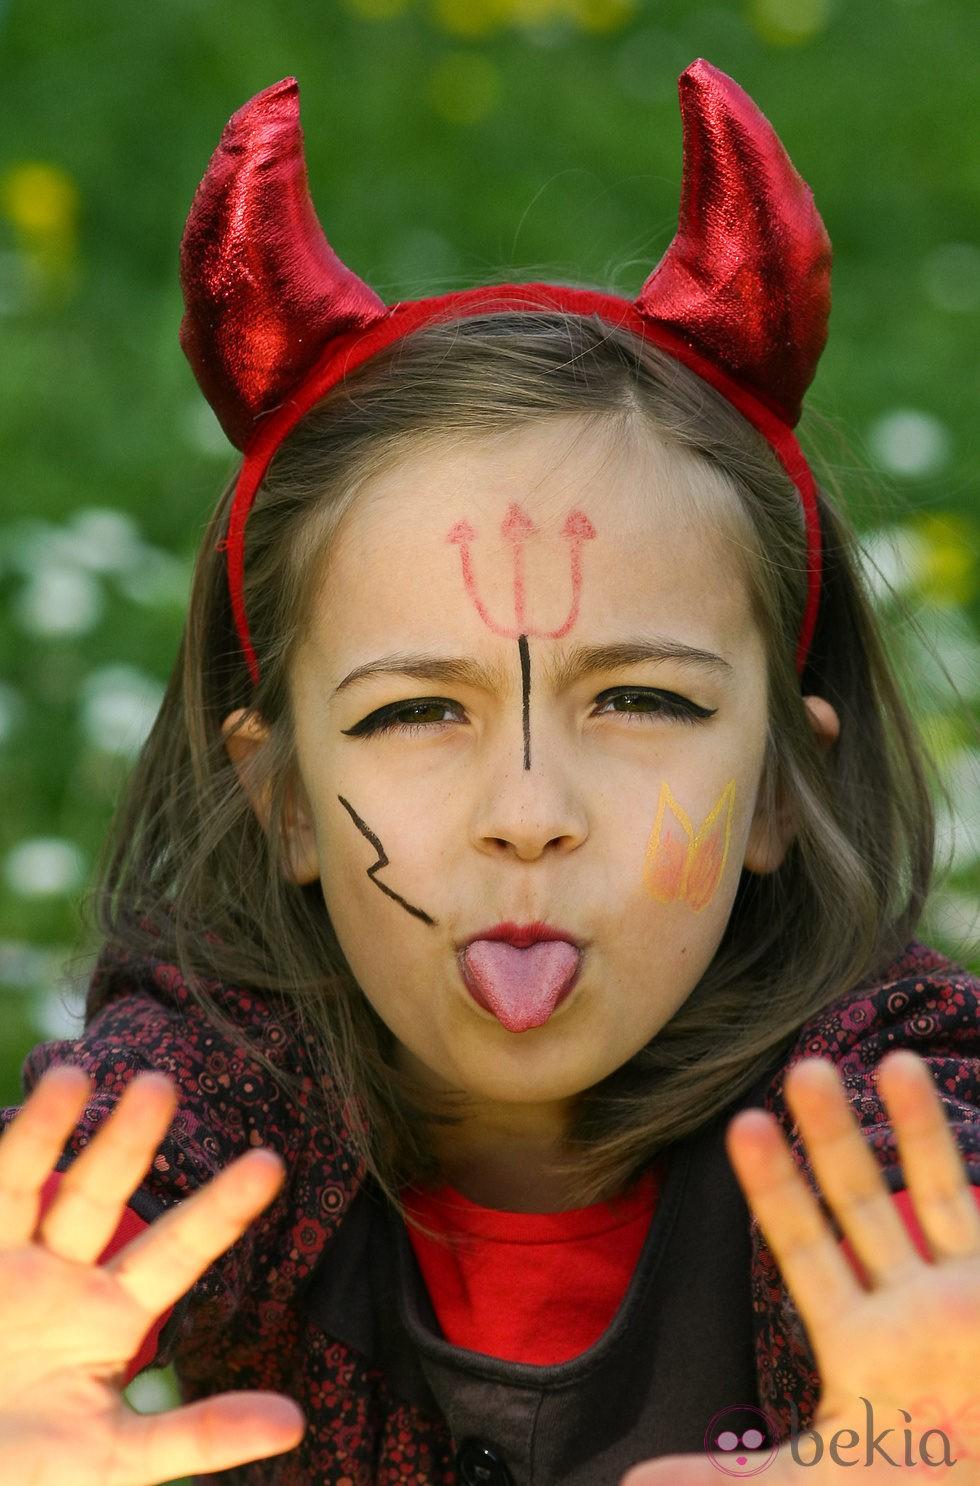 anterior maquillaje de diablo para nia